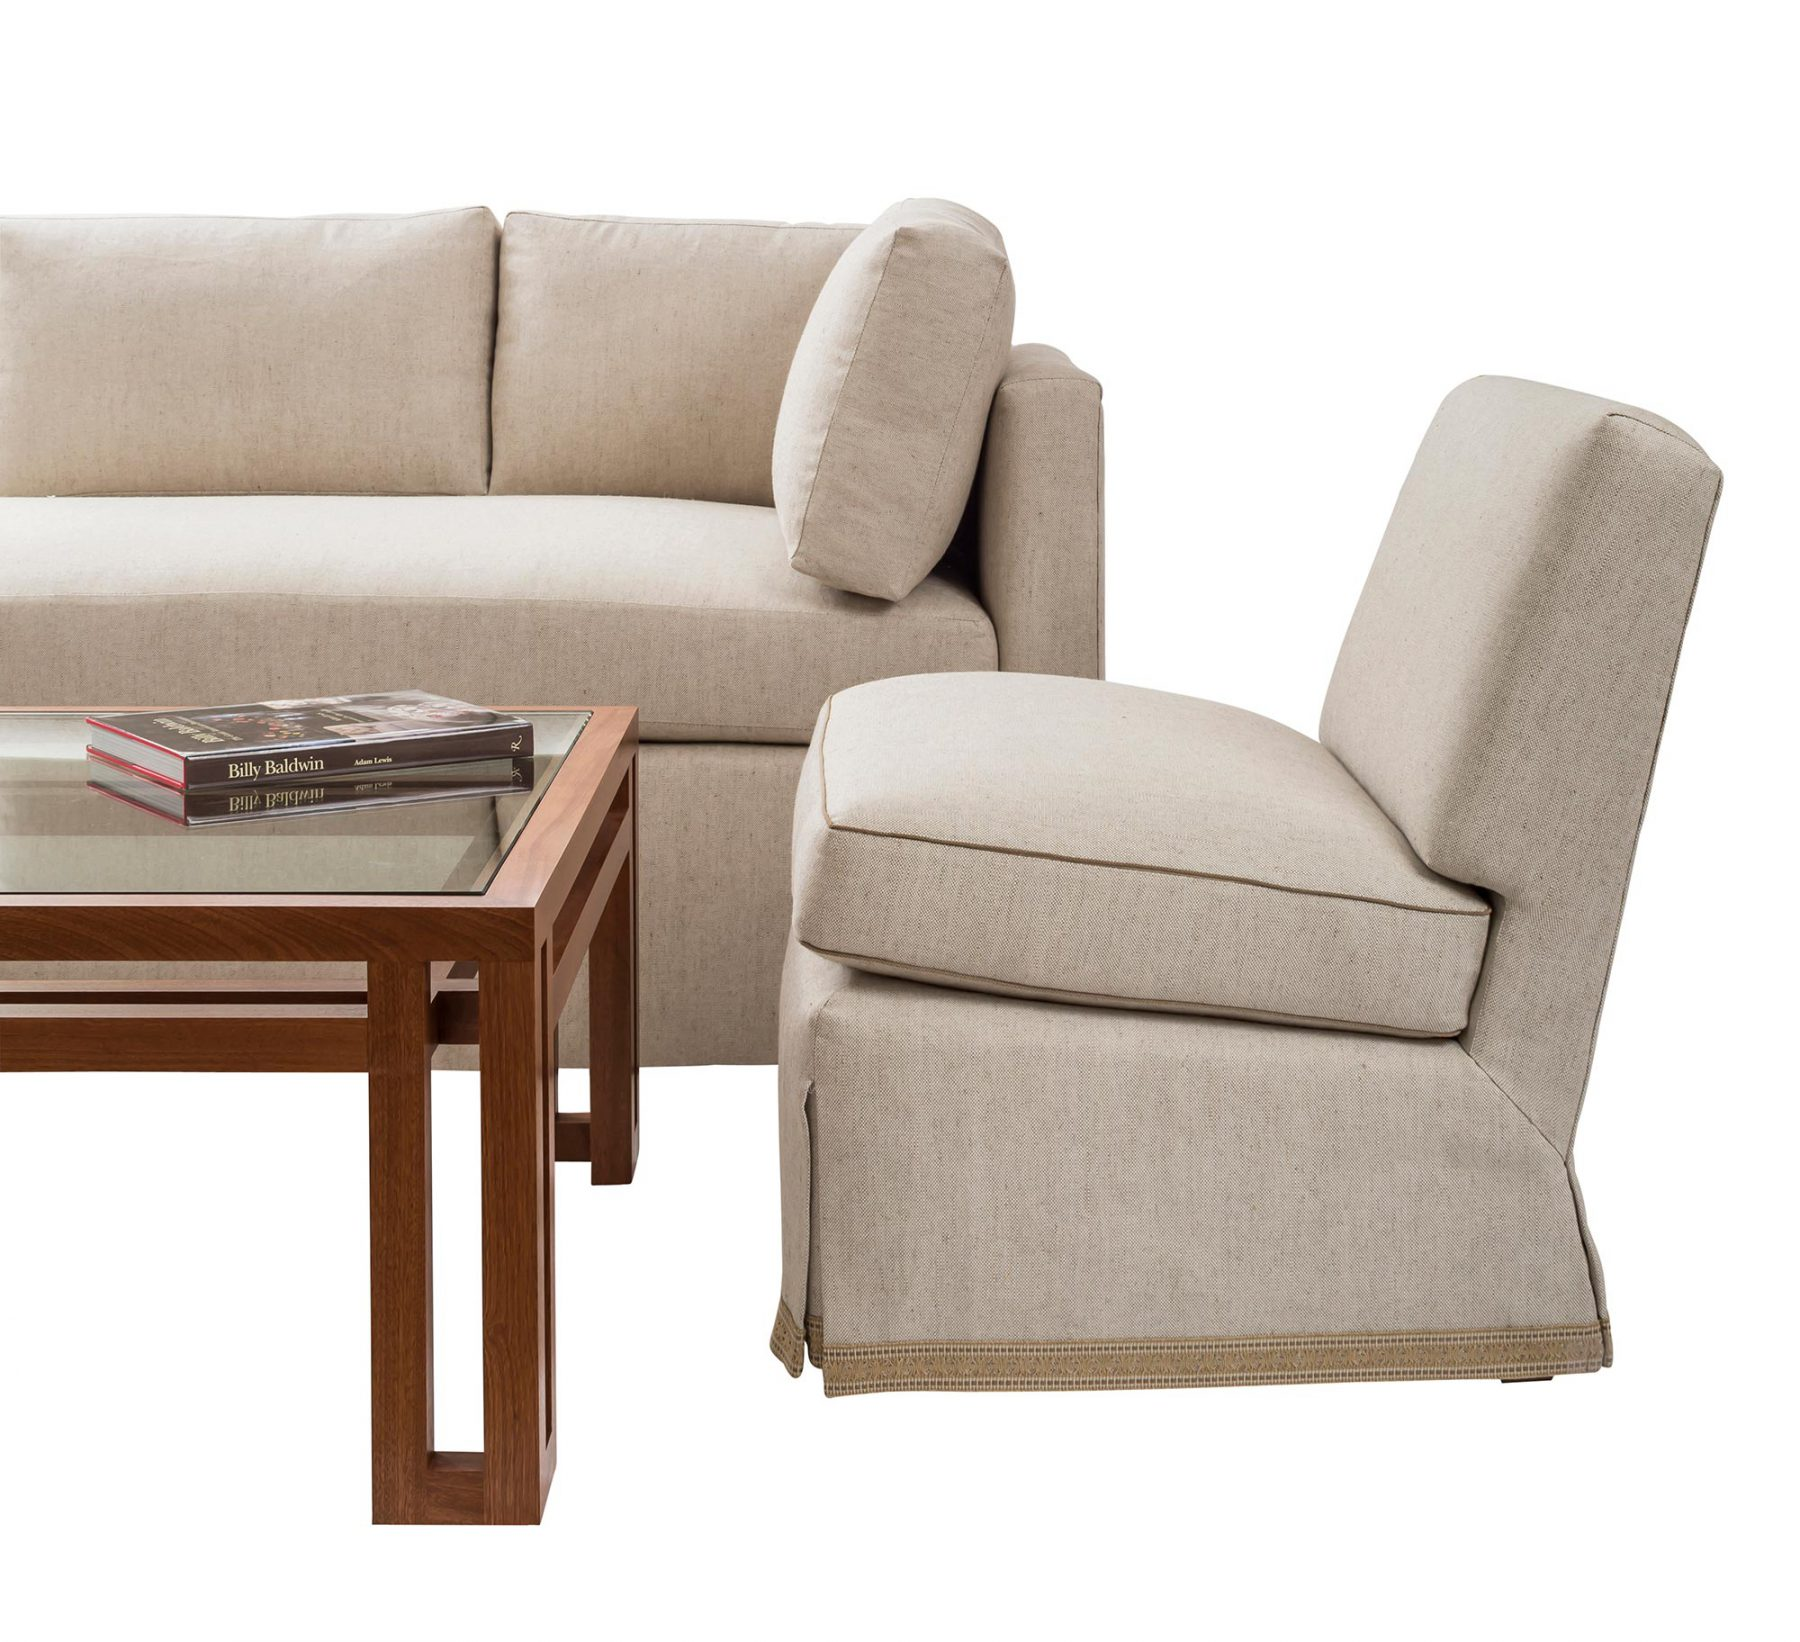 Tuxedo Sofa – Billy Baldwin Studio